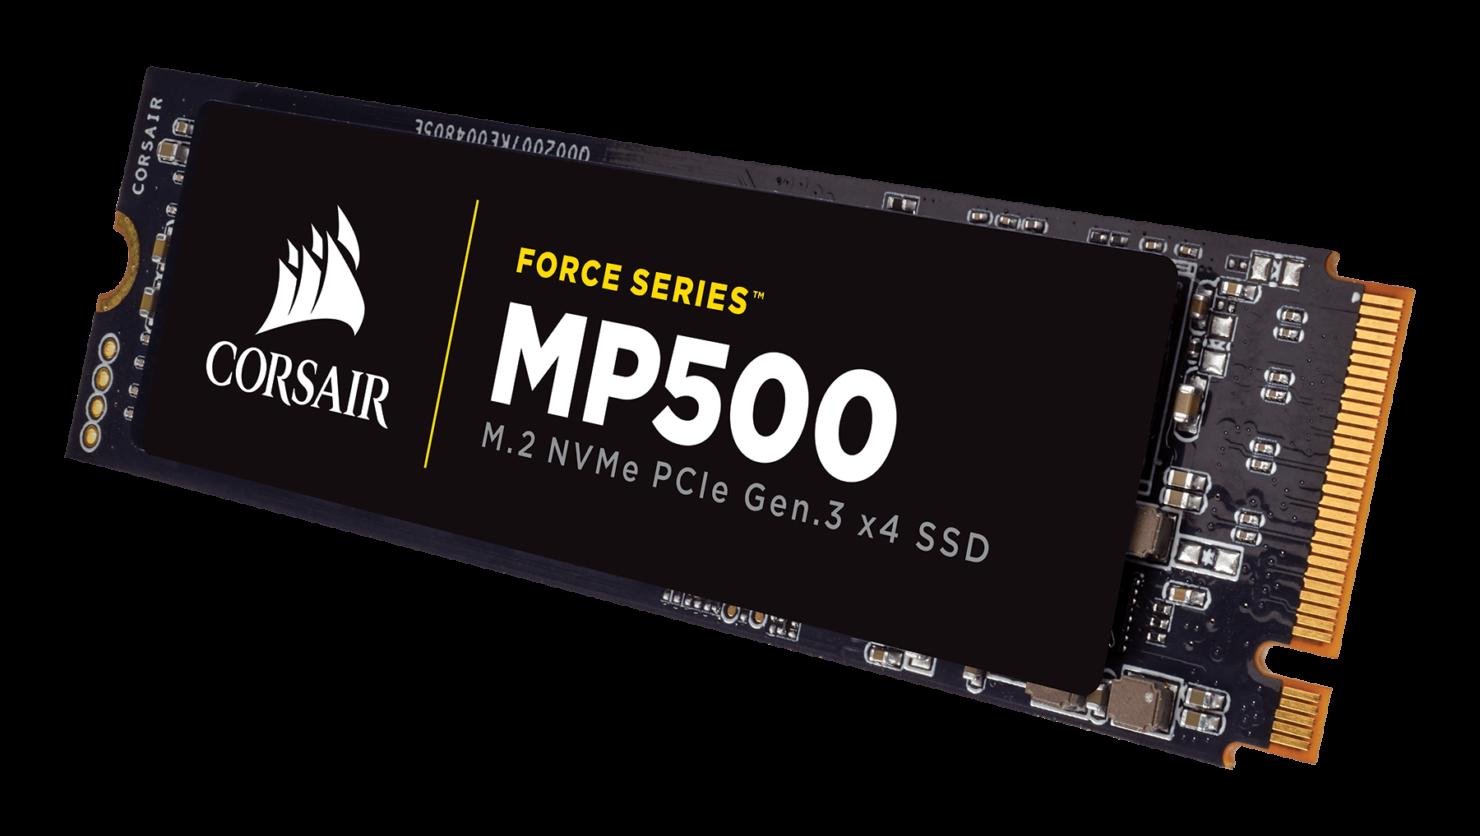 Corsair M.2 NVMe SSD series announced